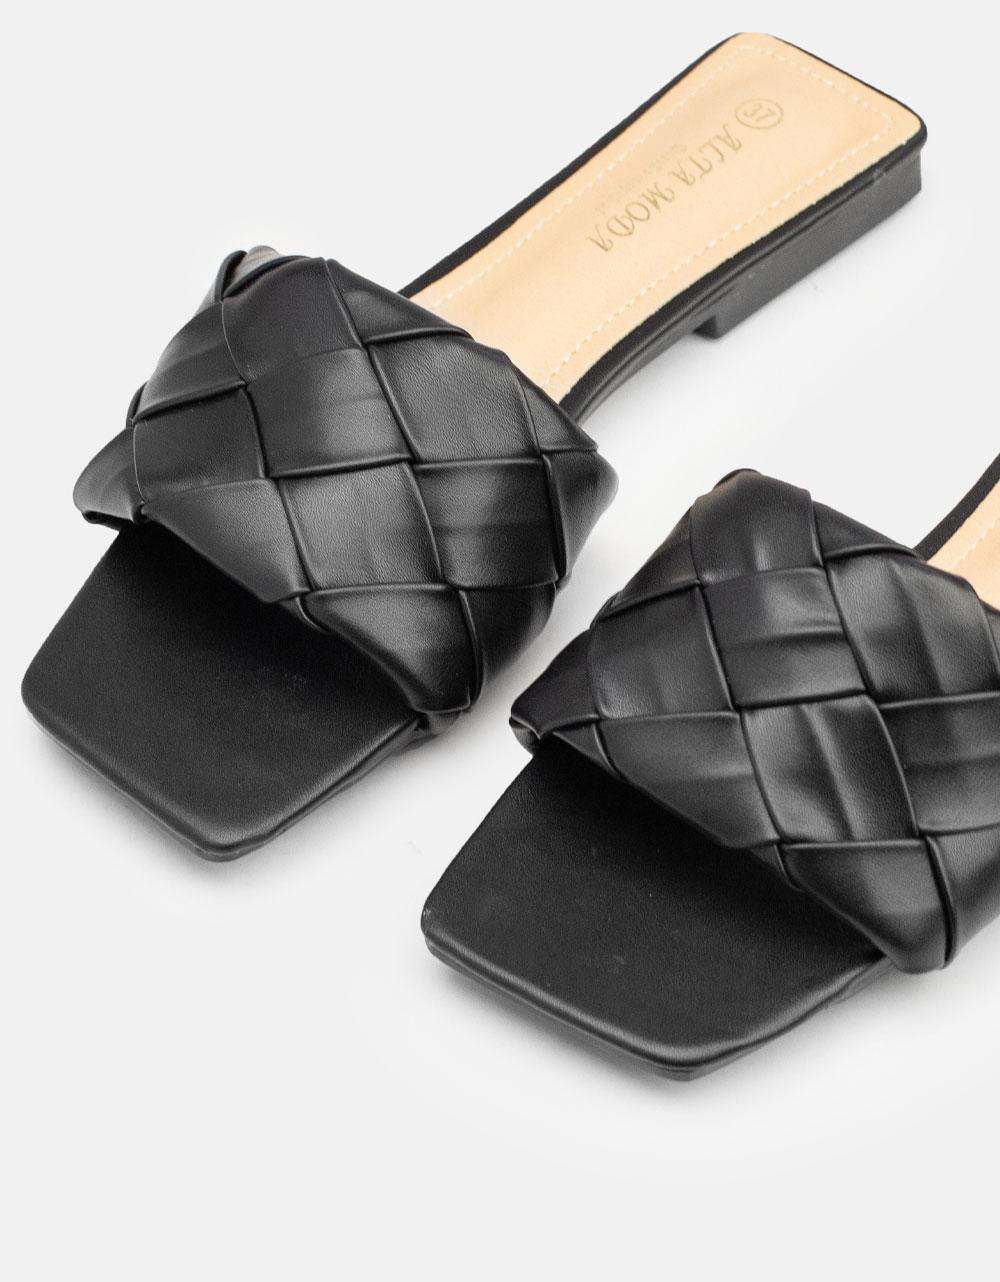 Εικόνα από Γυναικεία σανδάλια flat με πλεκτό σχέδιο στη φάσα Μαύρο